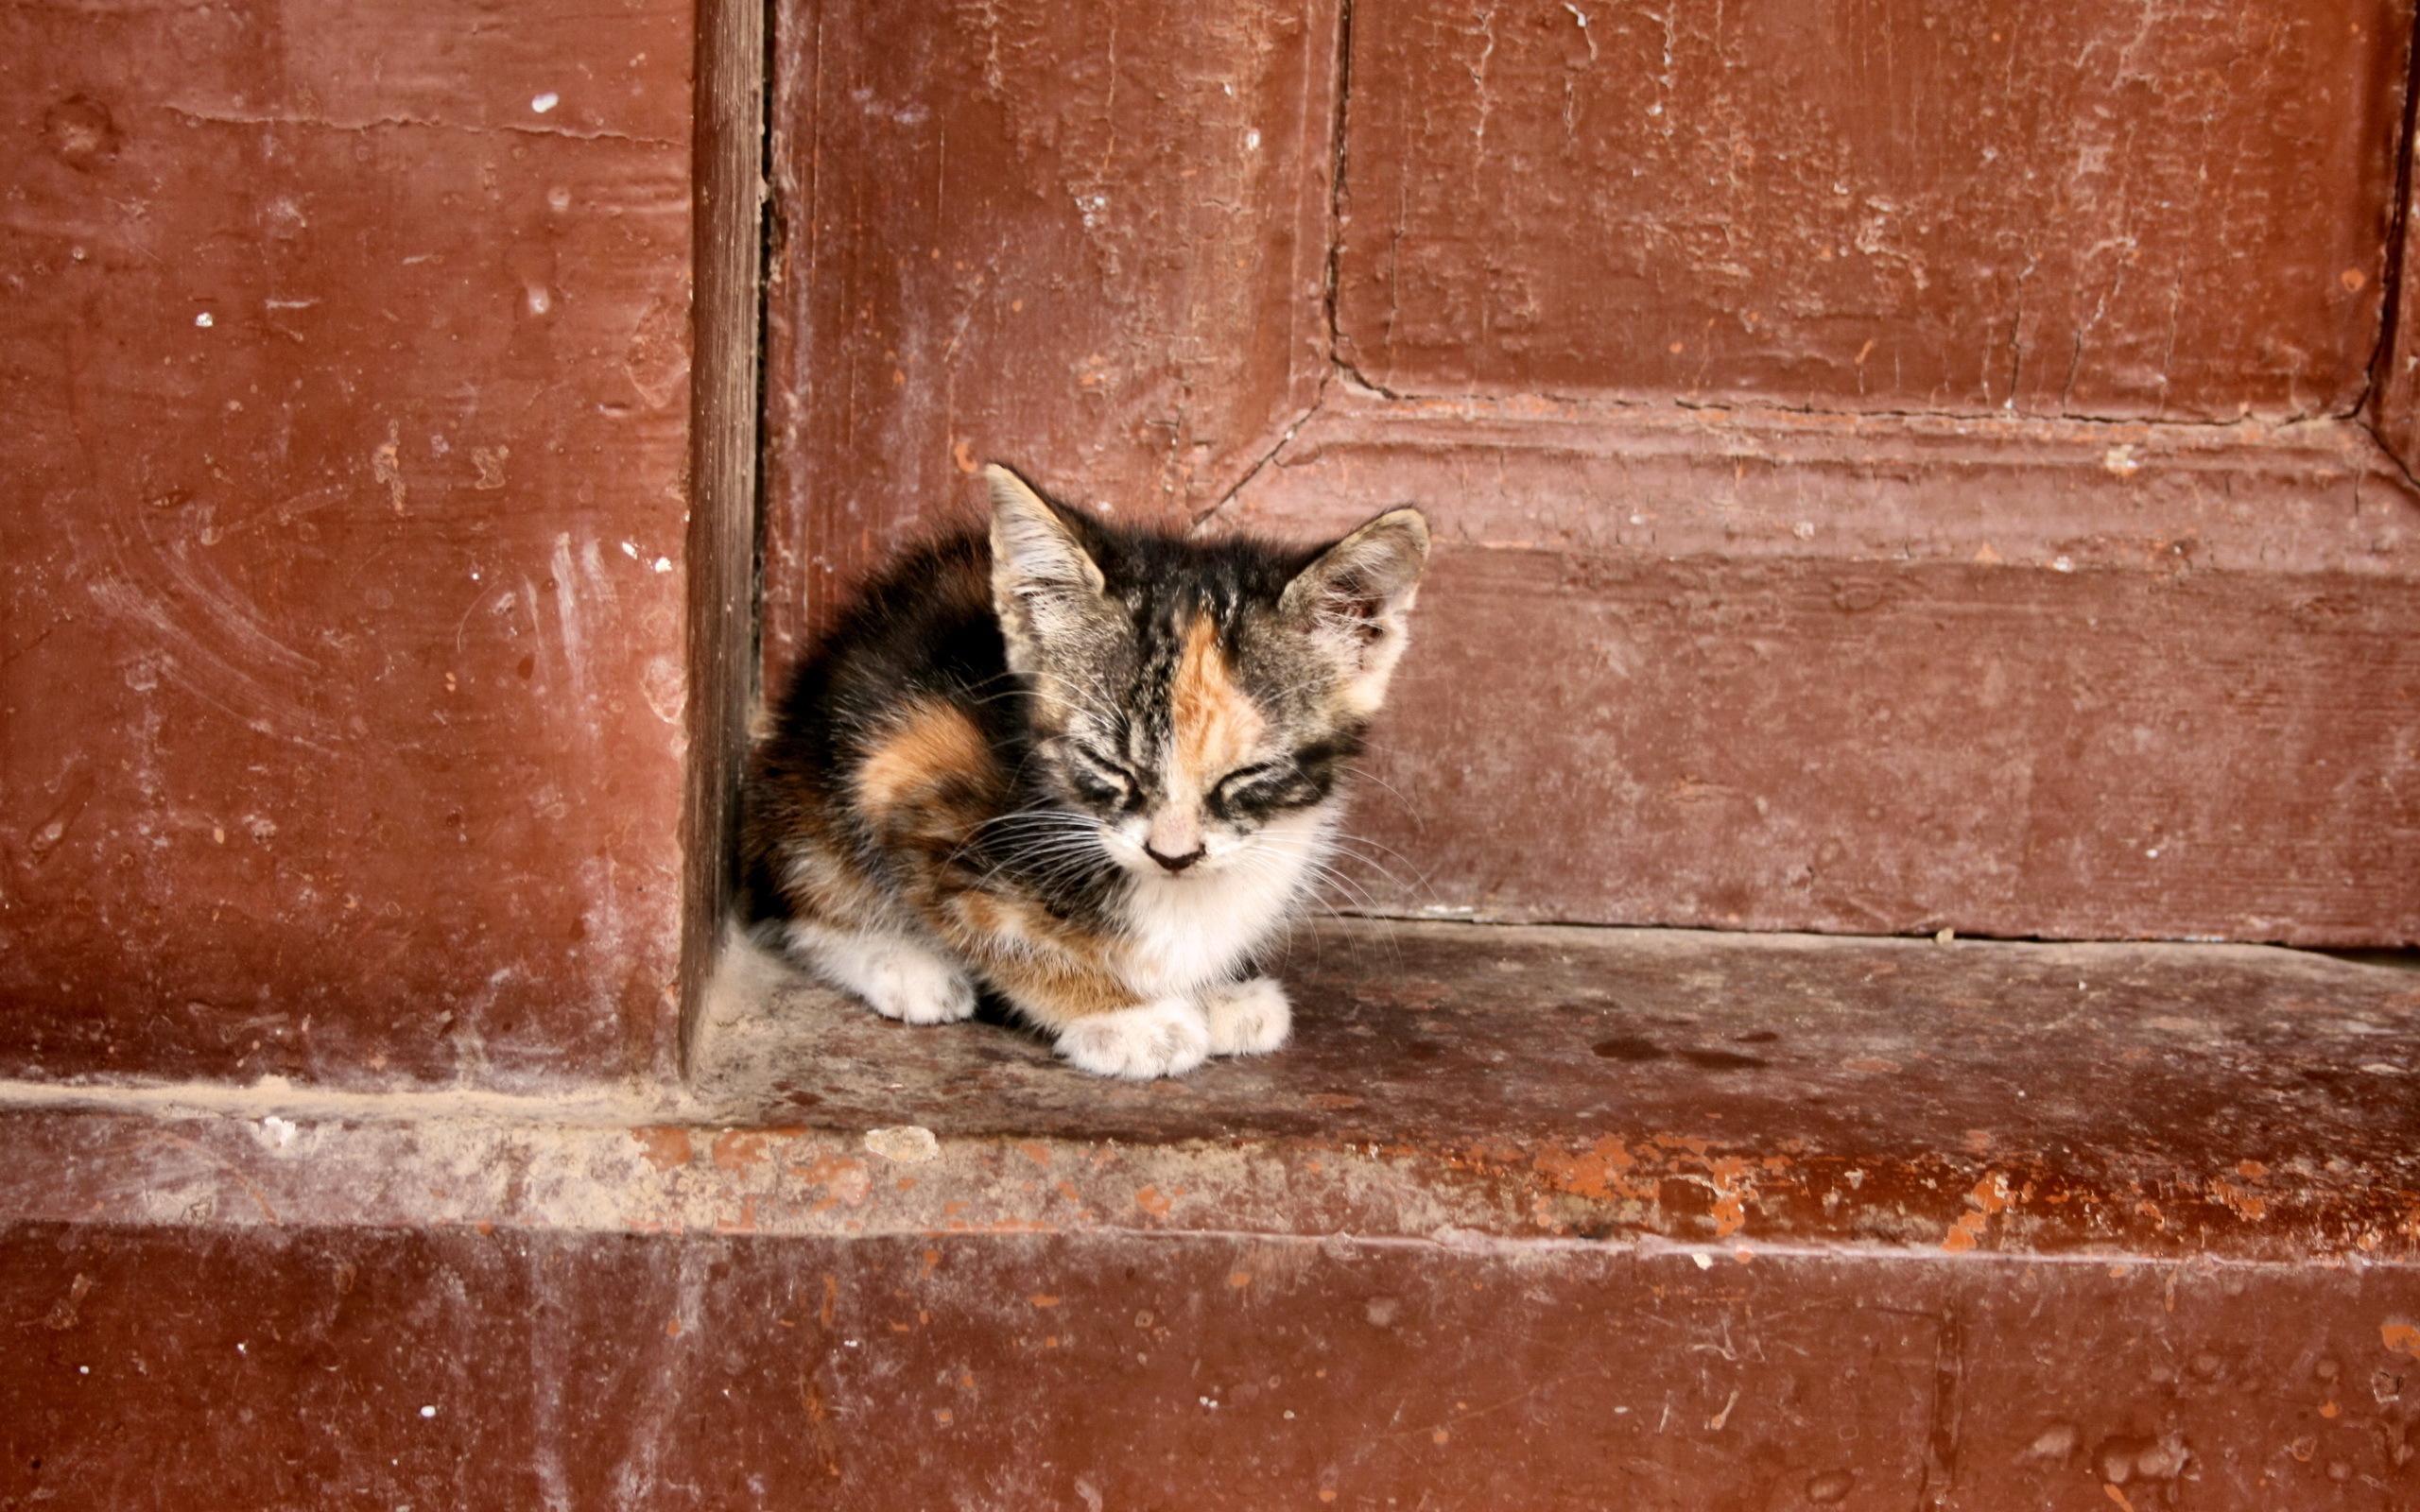 www-getbg-net_animals___cats_lonely_kitten_041784_